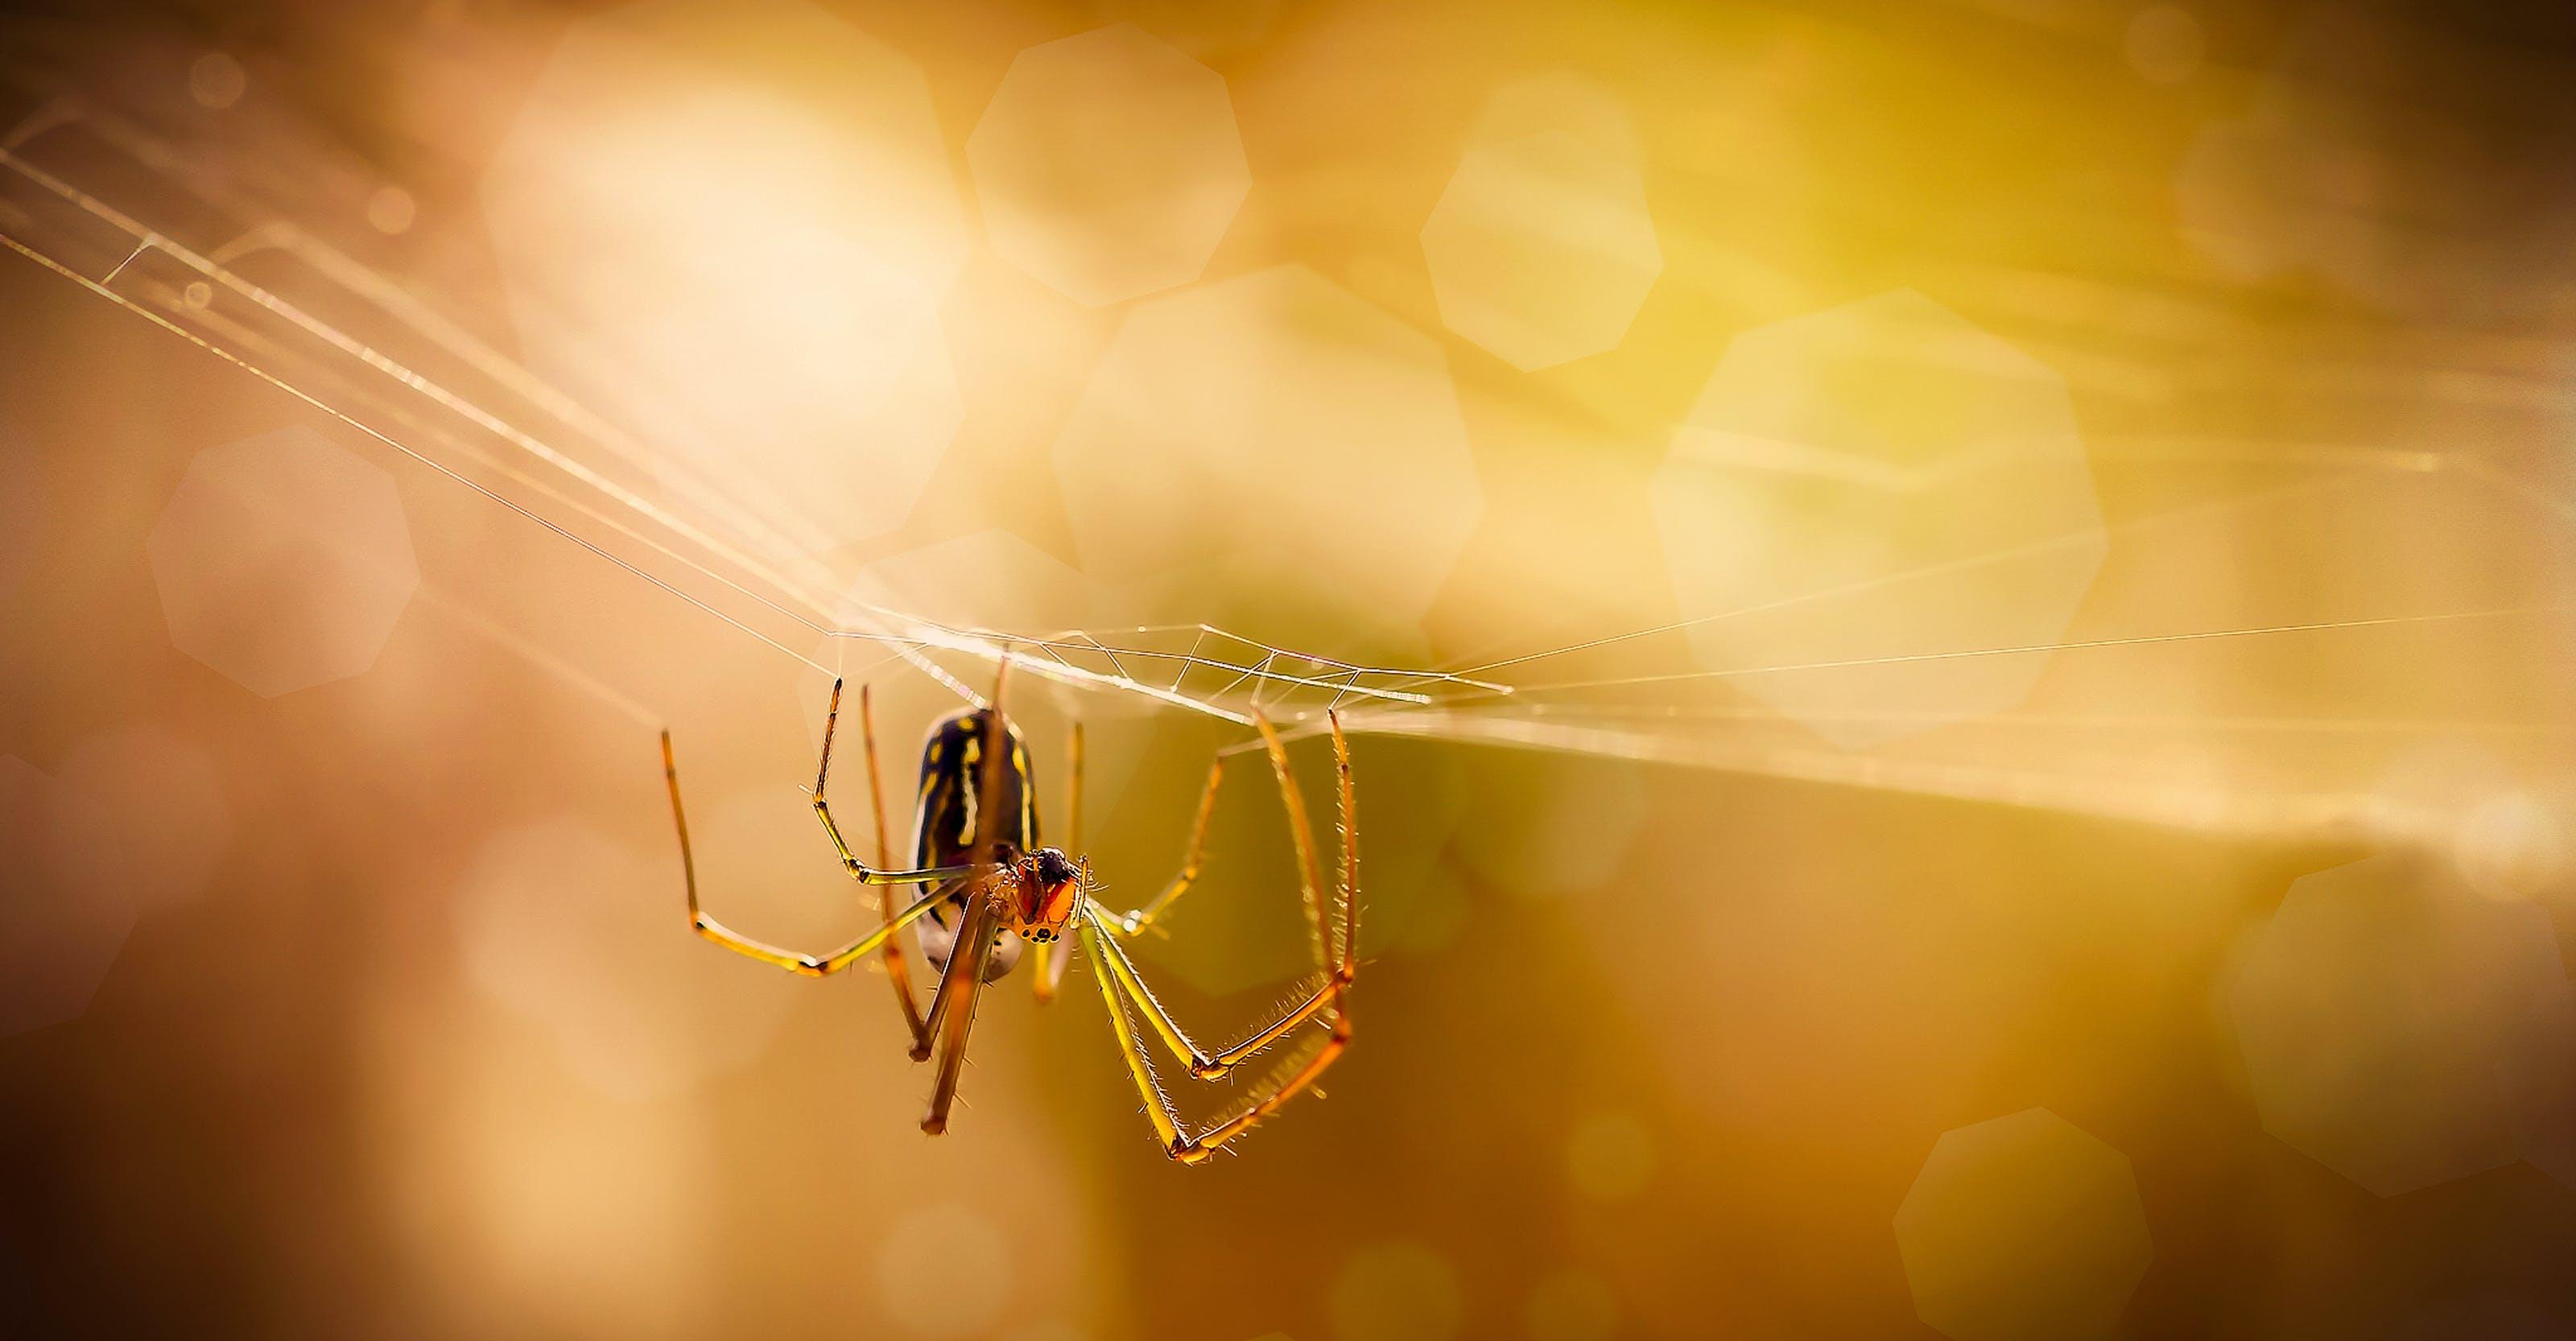 Foto profissional grátis de aracnídeo, aranha, artrópode, inseto